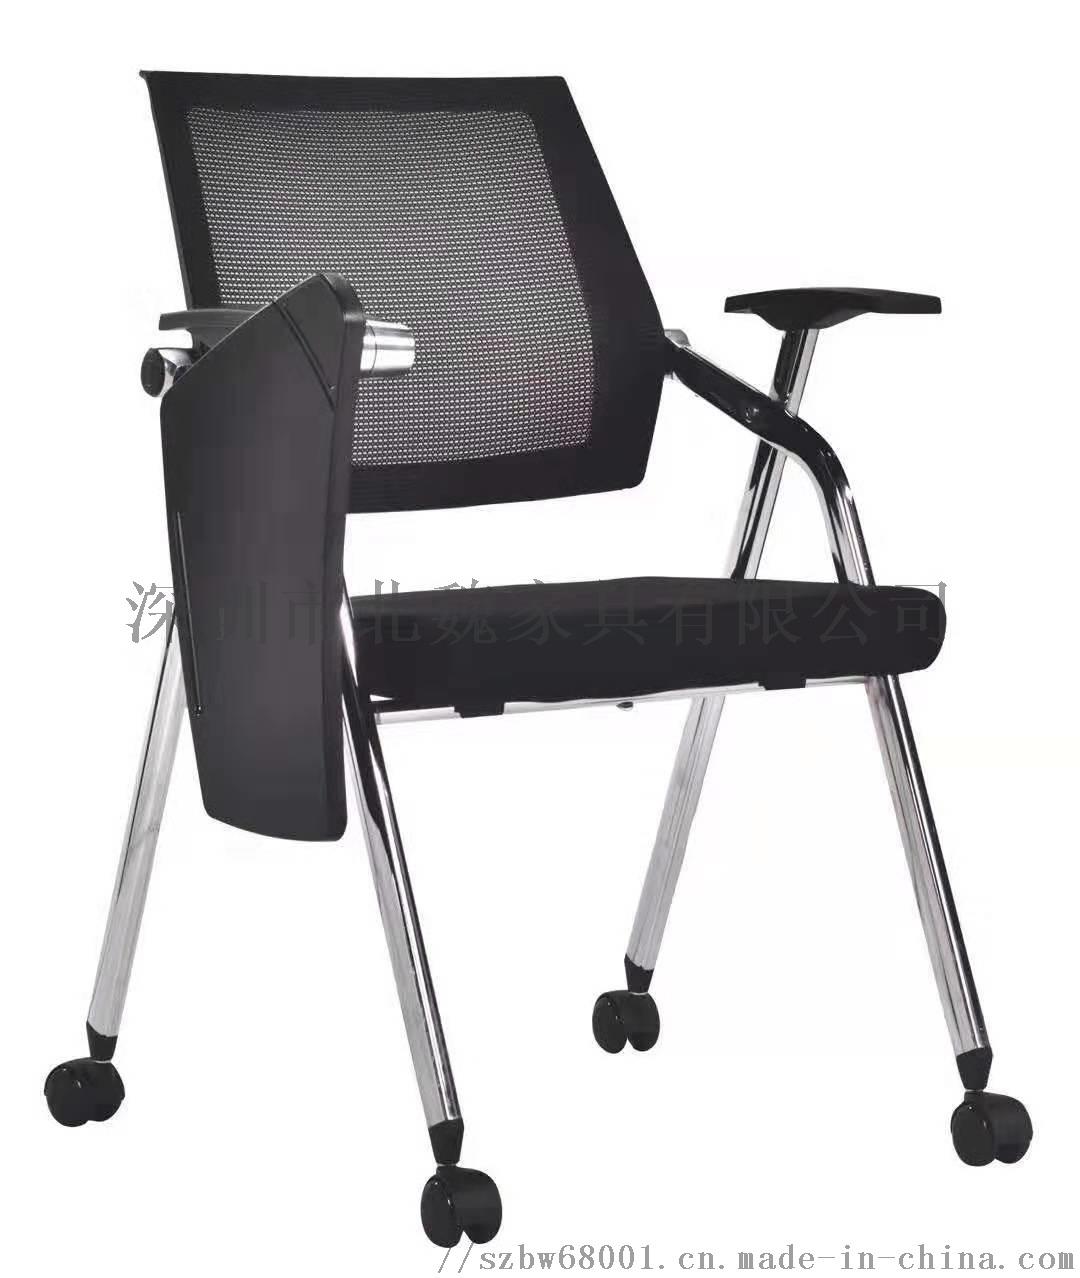 梯形书桌椅拼接梯形培训桌**组合课桌椅124367785